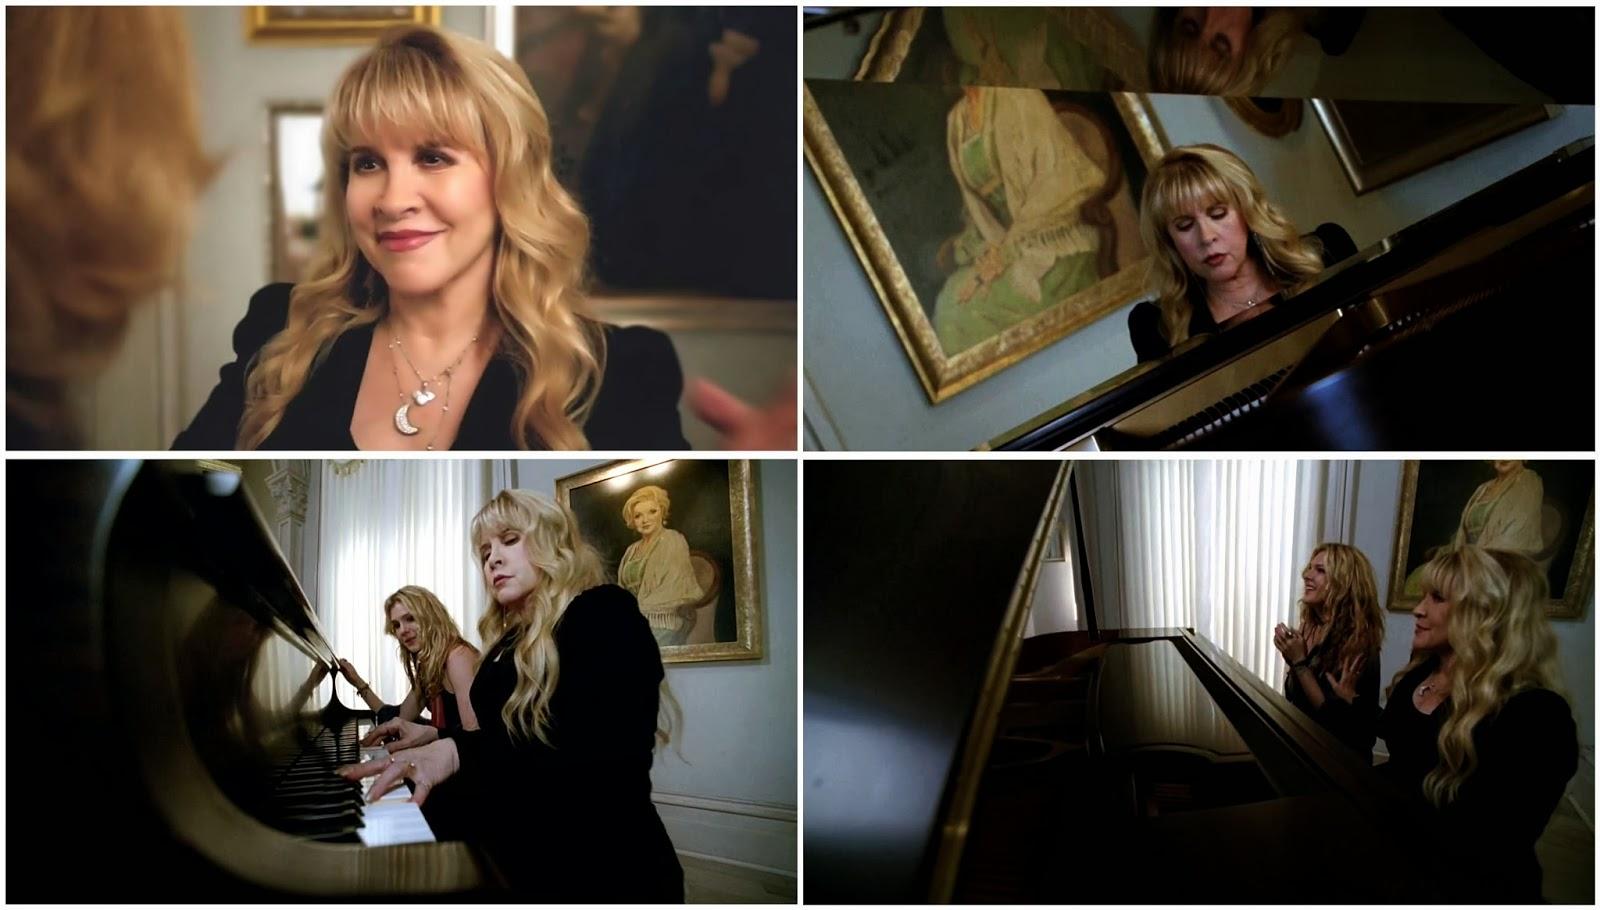 Fleetwood Mac News: Ep 2-13 Recap: American Horror Story: Coven